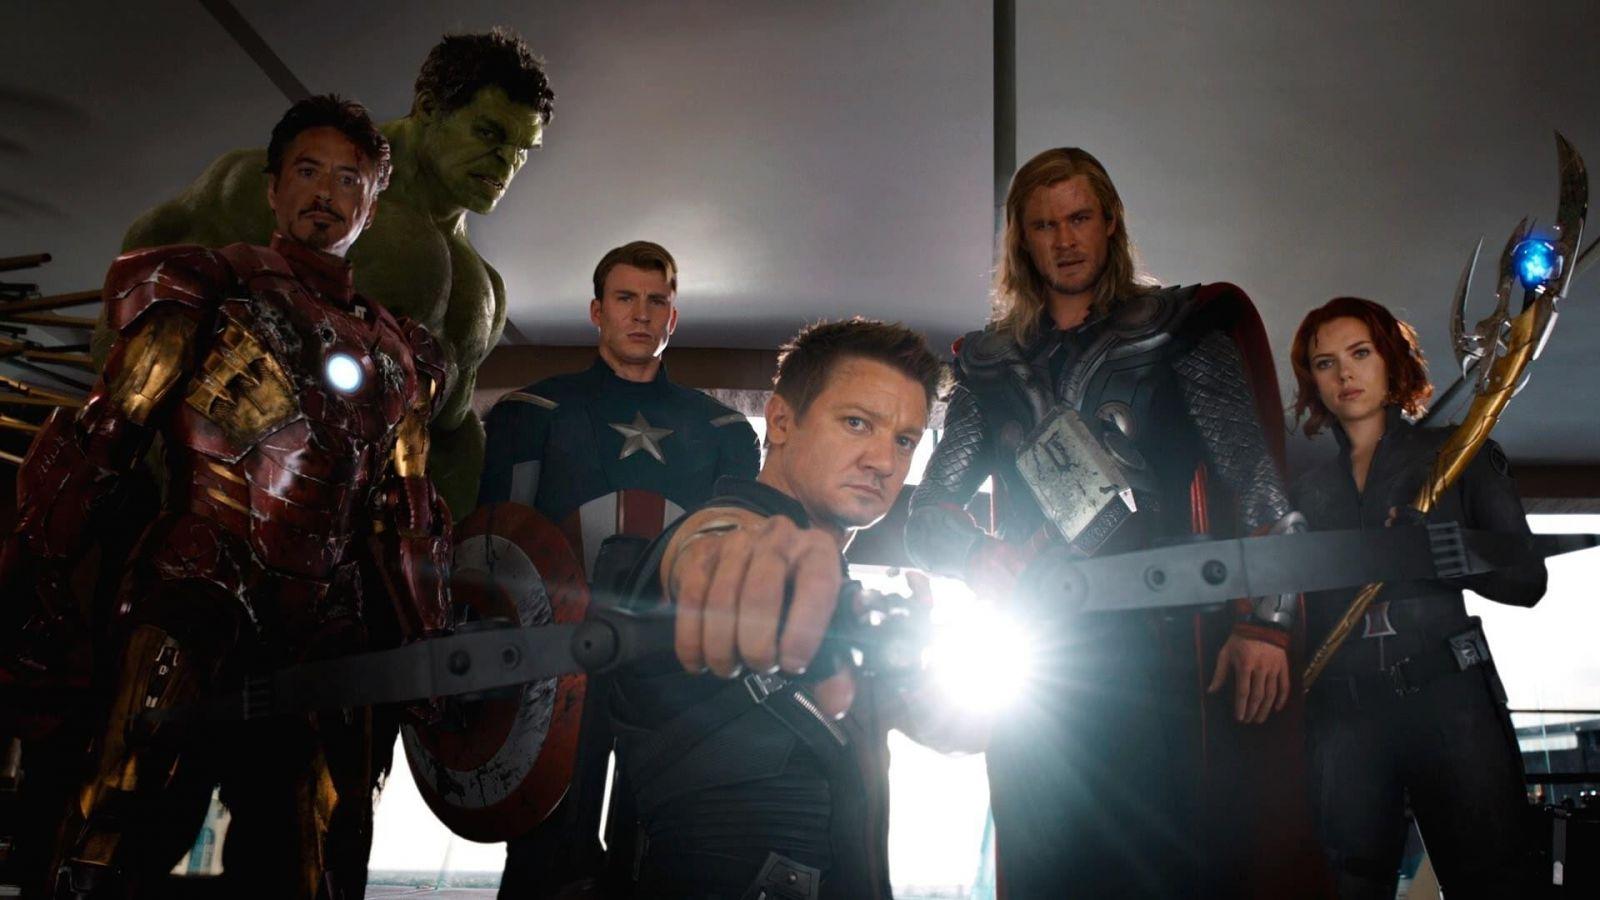 The Avengers, Atriebēji